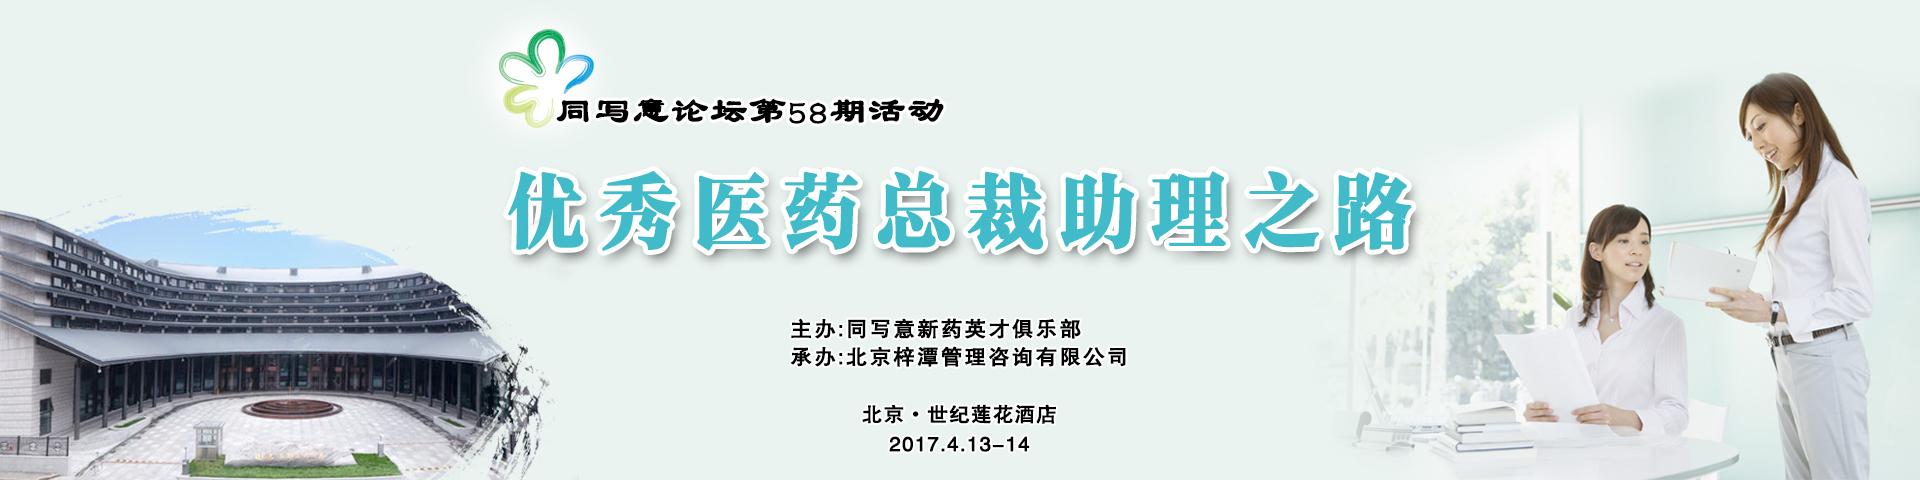 同写意论坛第58期-优秀医药总裁助理之路